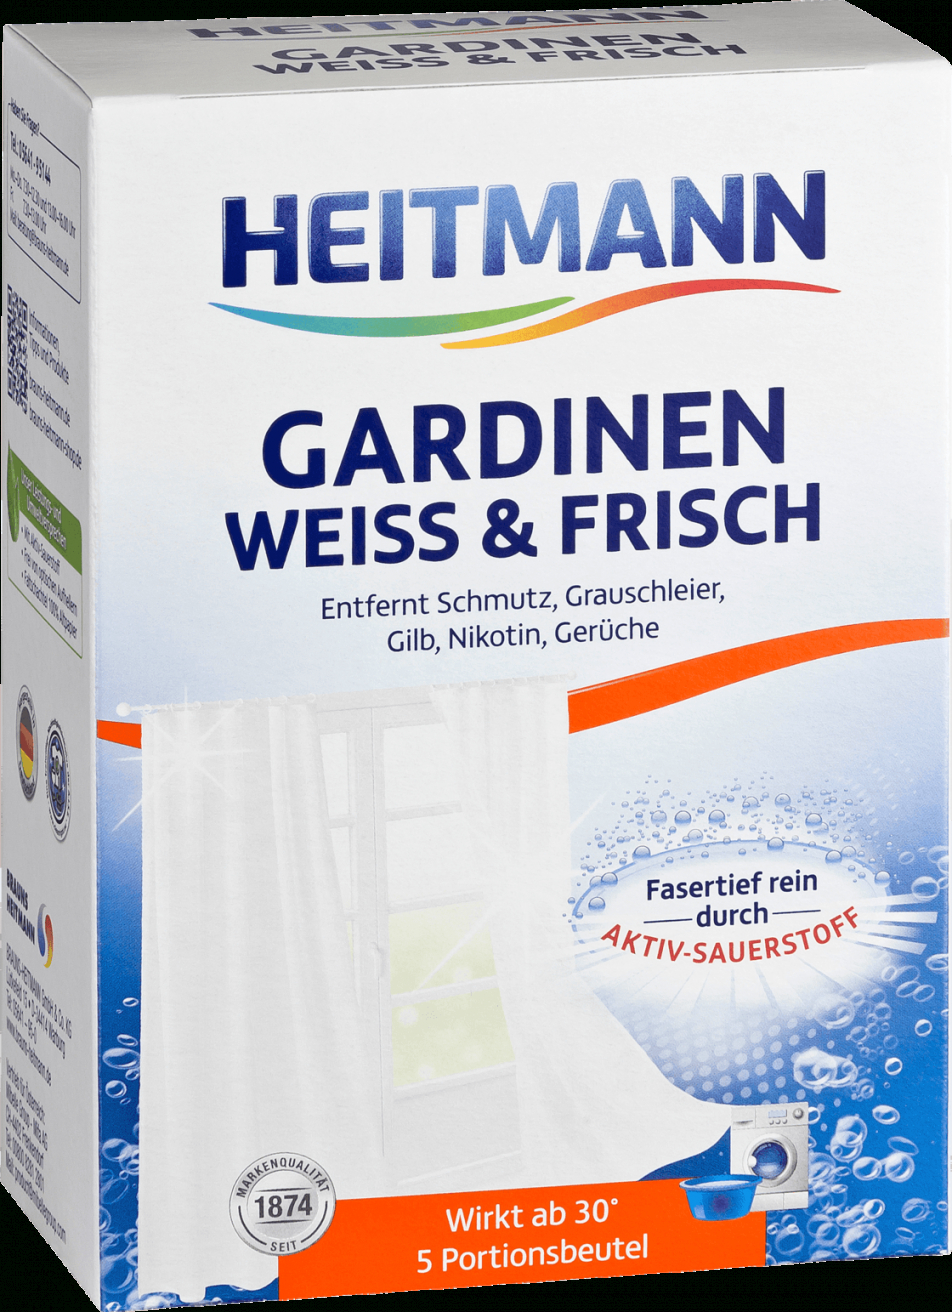 Heitmann Gardinen Weiss & Frisch Dauerhaft Günstig Online Kaufen  Dm von Gardinen Waschen Weichspüler Bild